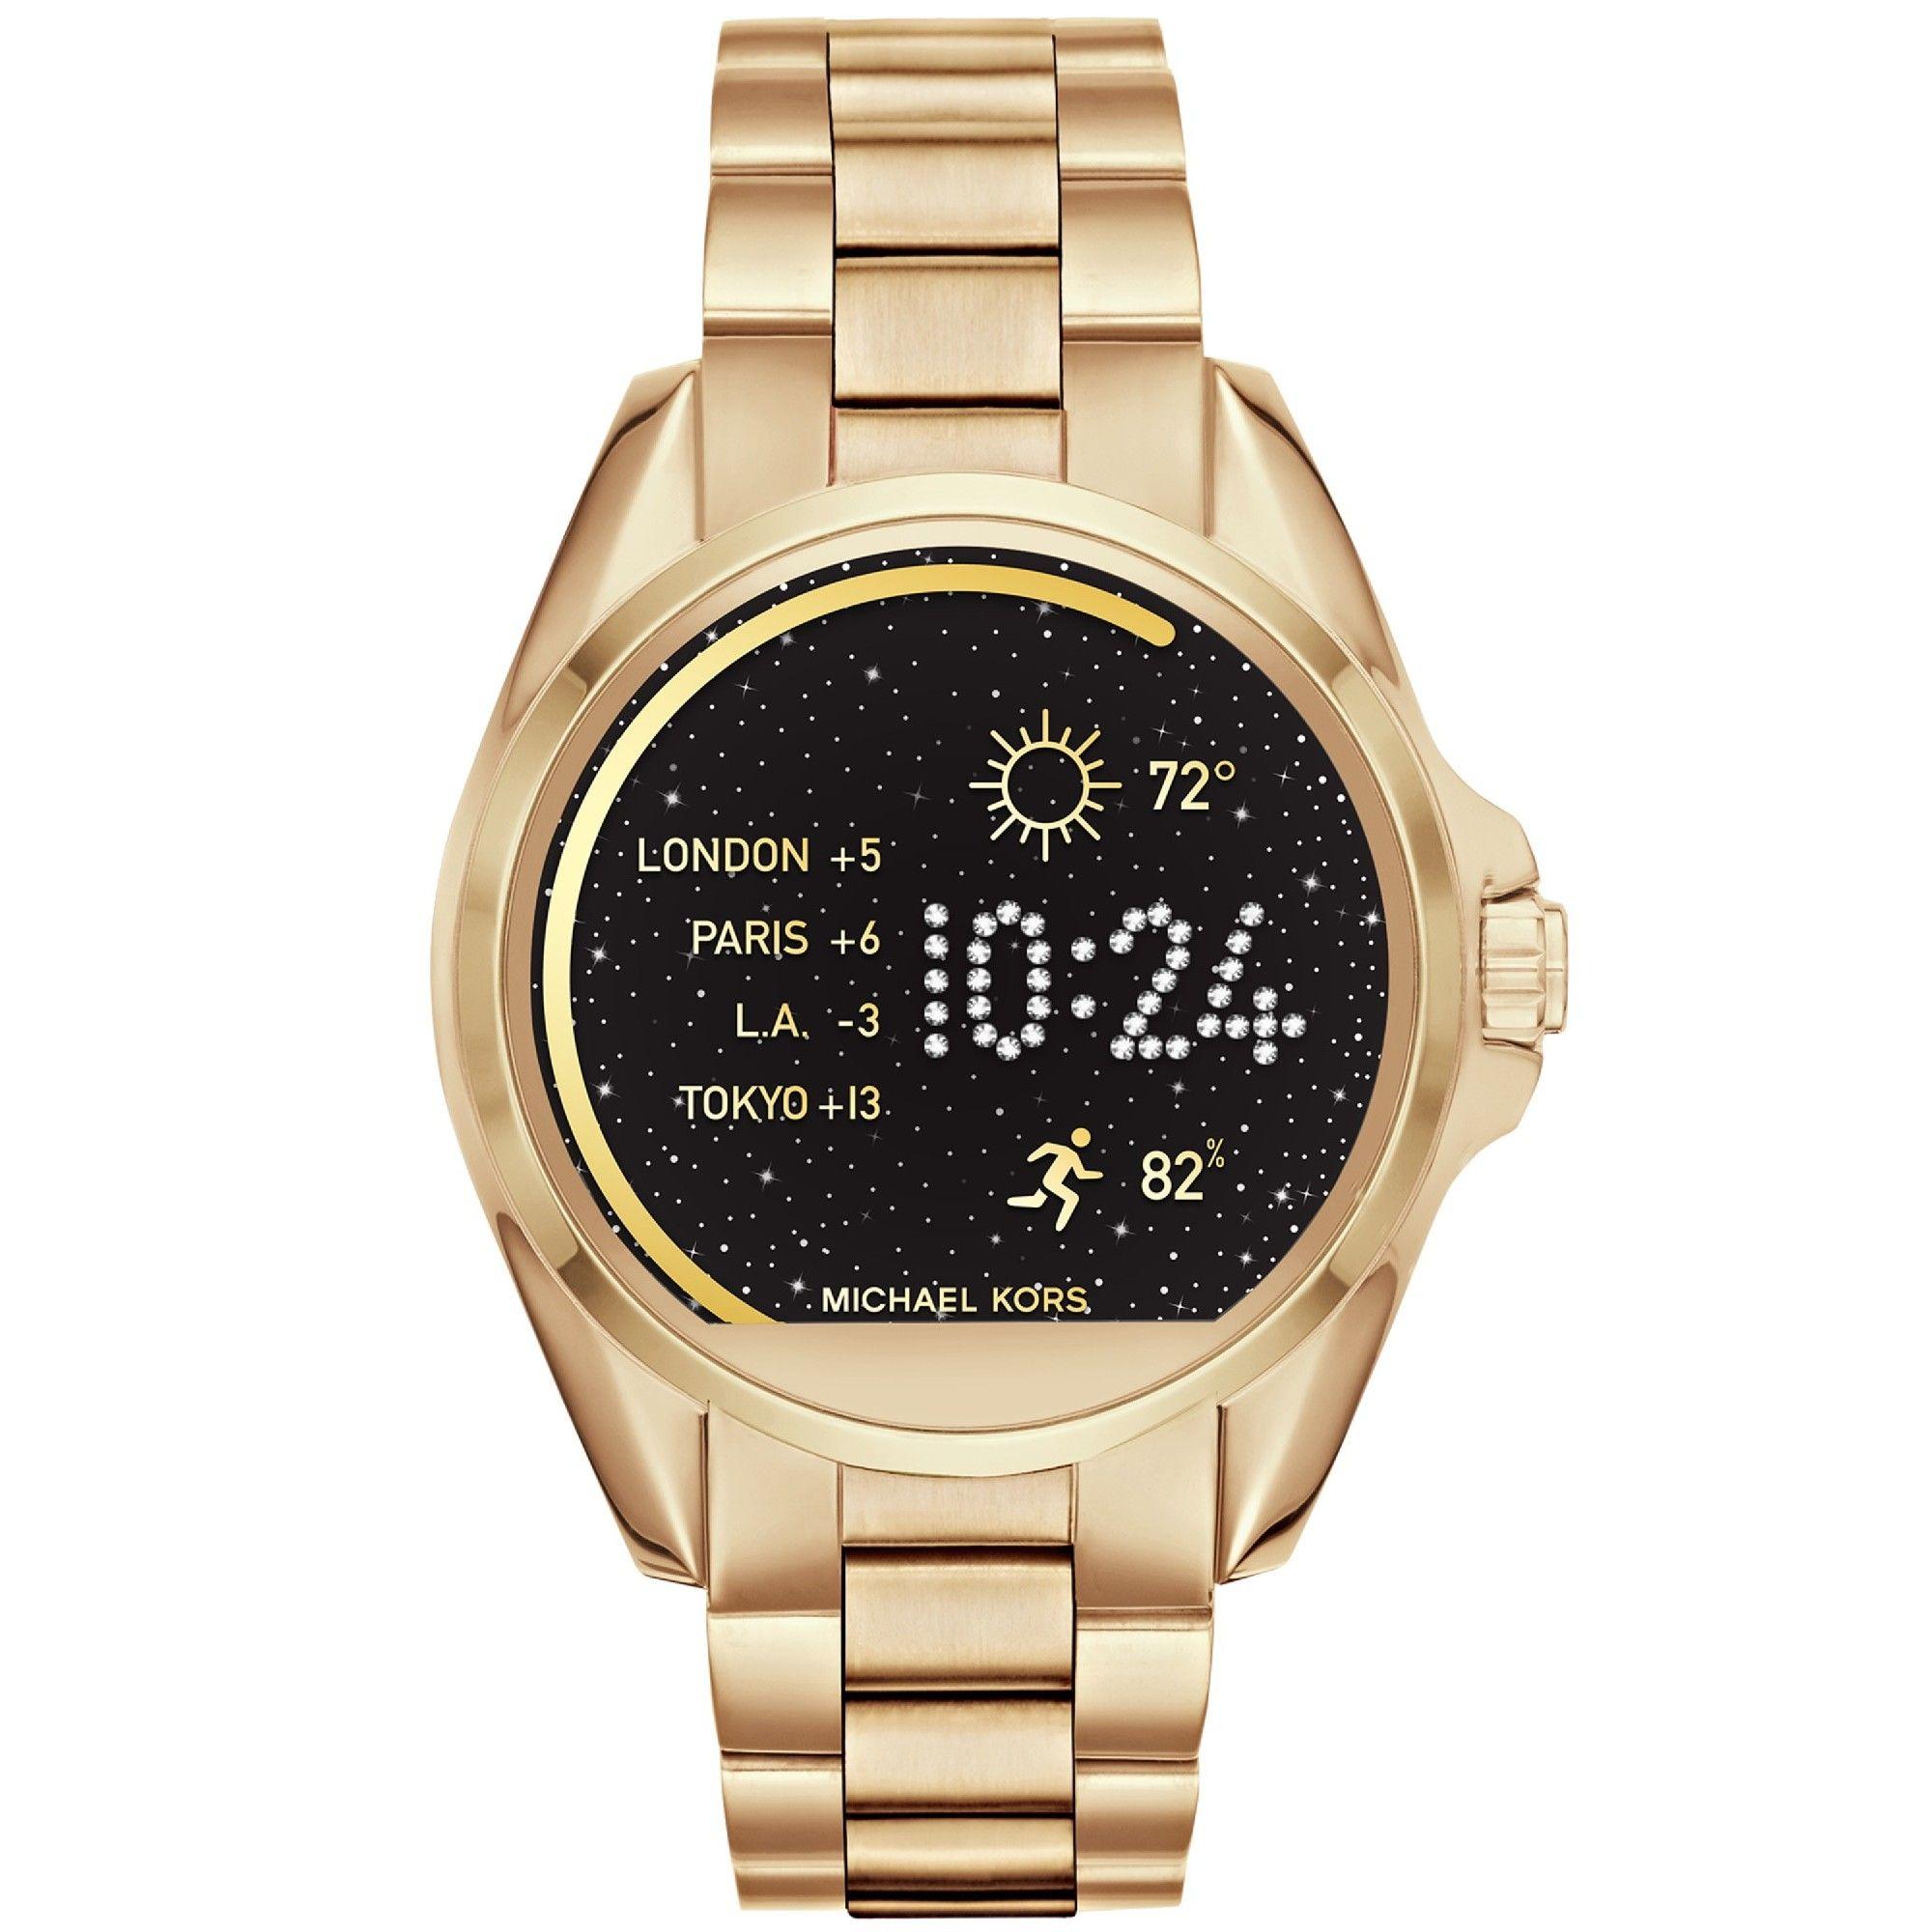 michael kors zegarek smartwatch